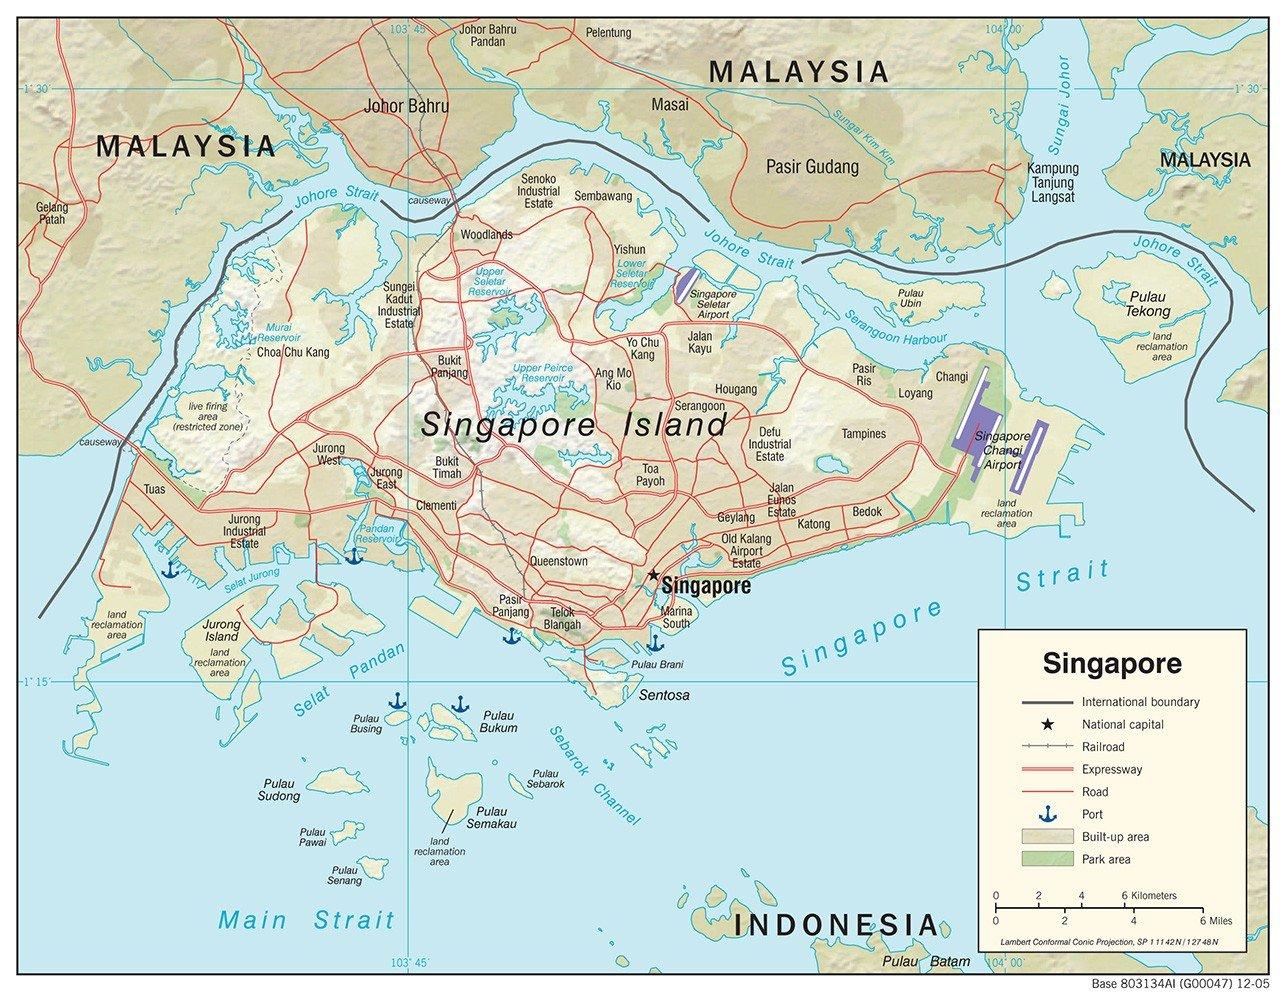 Singapore - Nền giáo dục tiên tiến, có tính toàn cầu